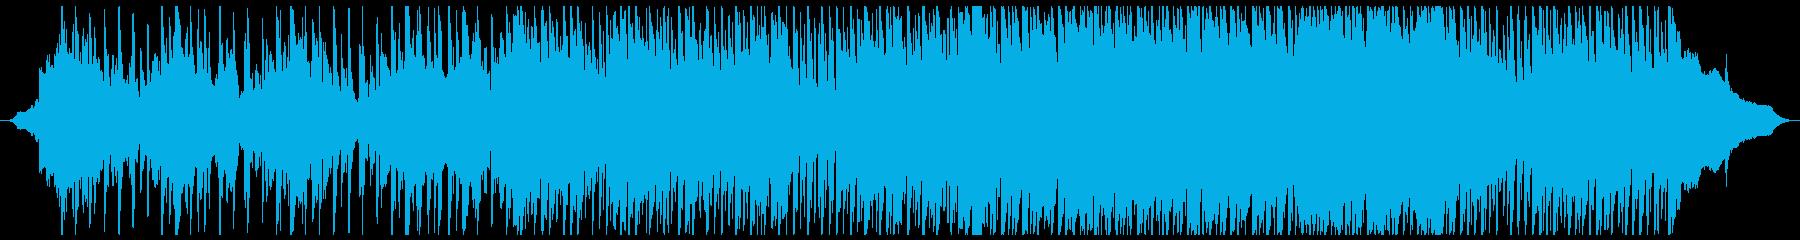 寝起きに聴きたくなるリラックス曲の再生済みの波形